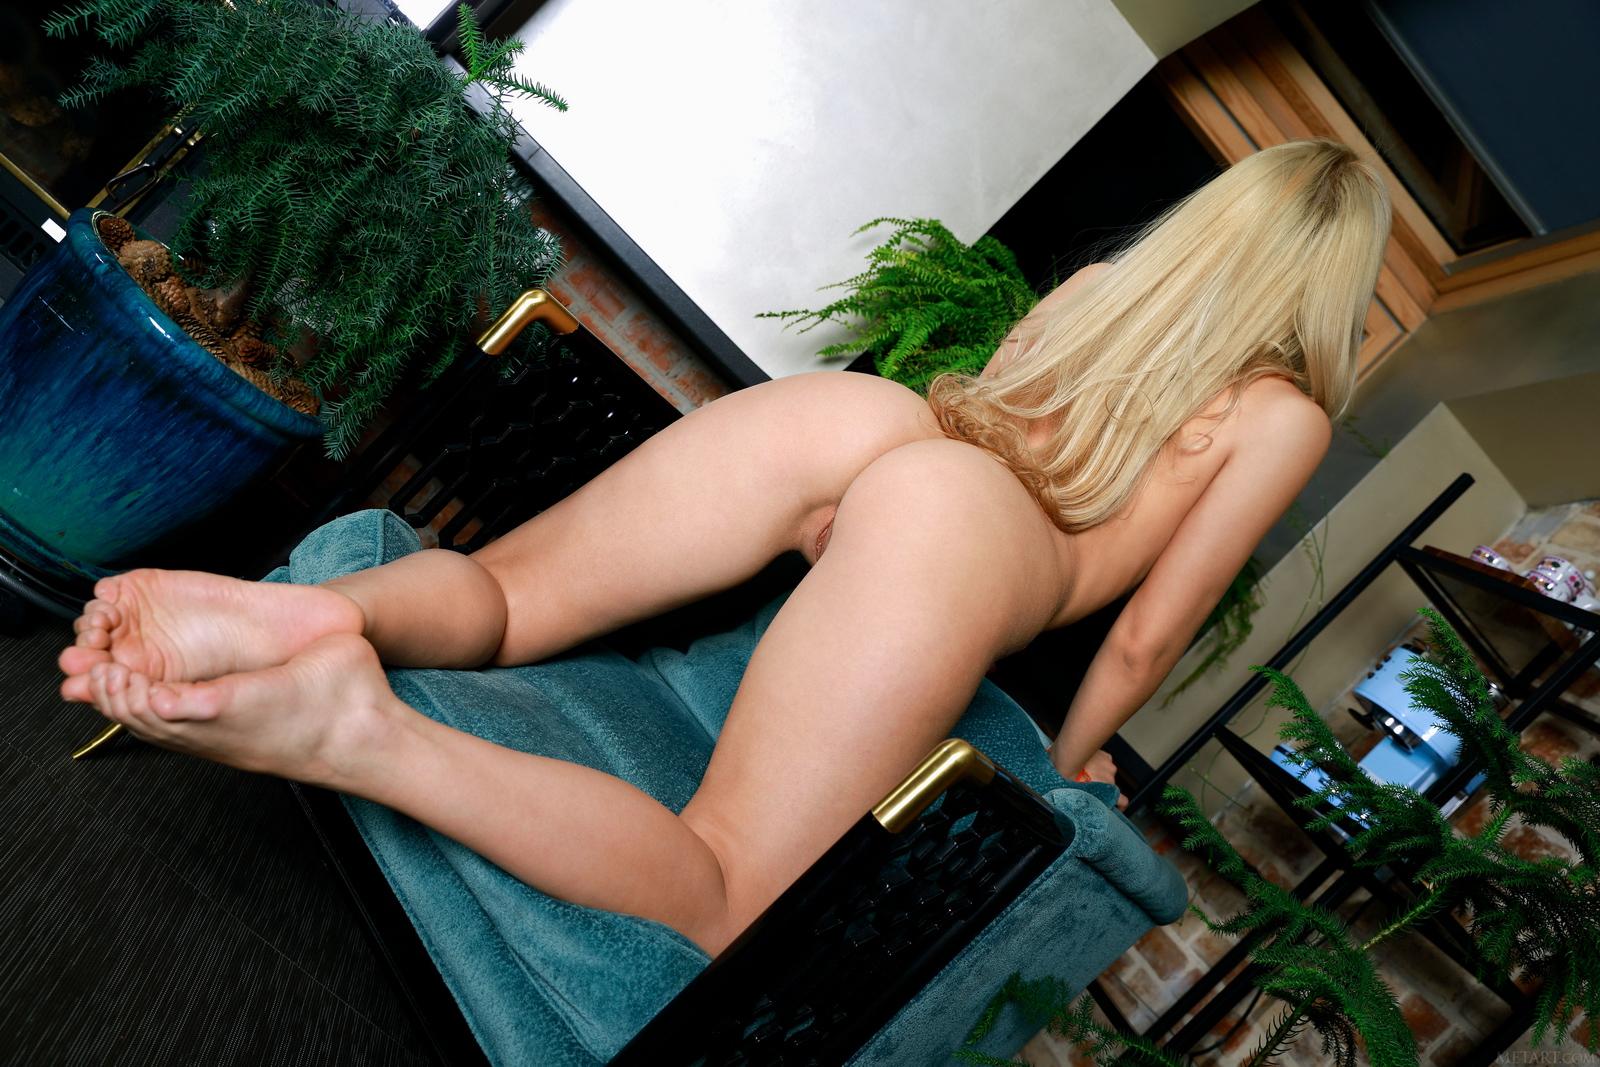 candice-lauren-socks-white-lingerie-boobs-metart-29